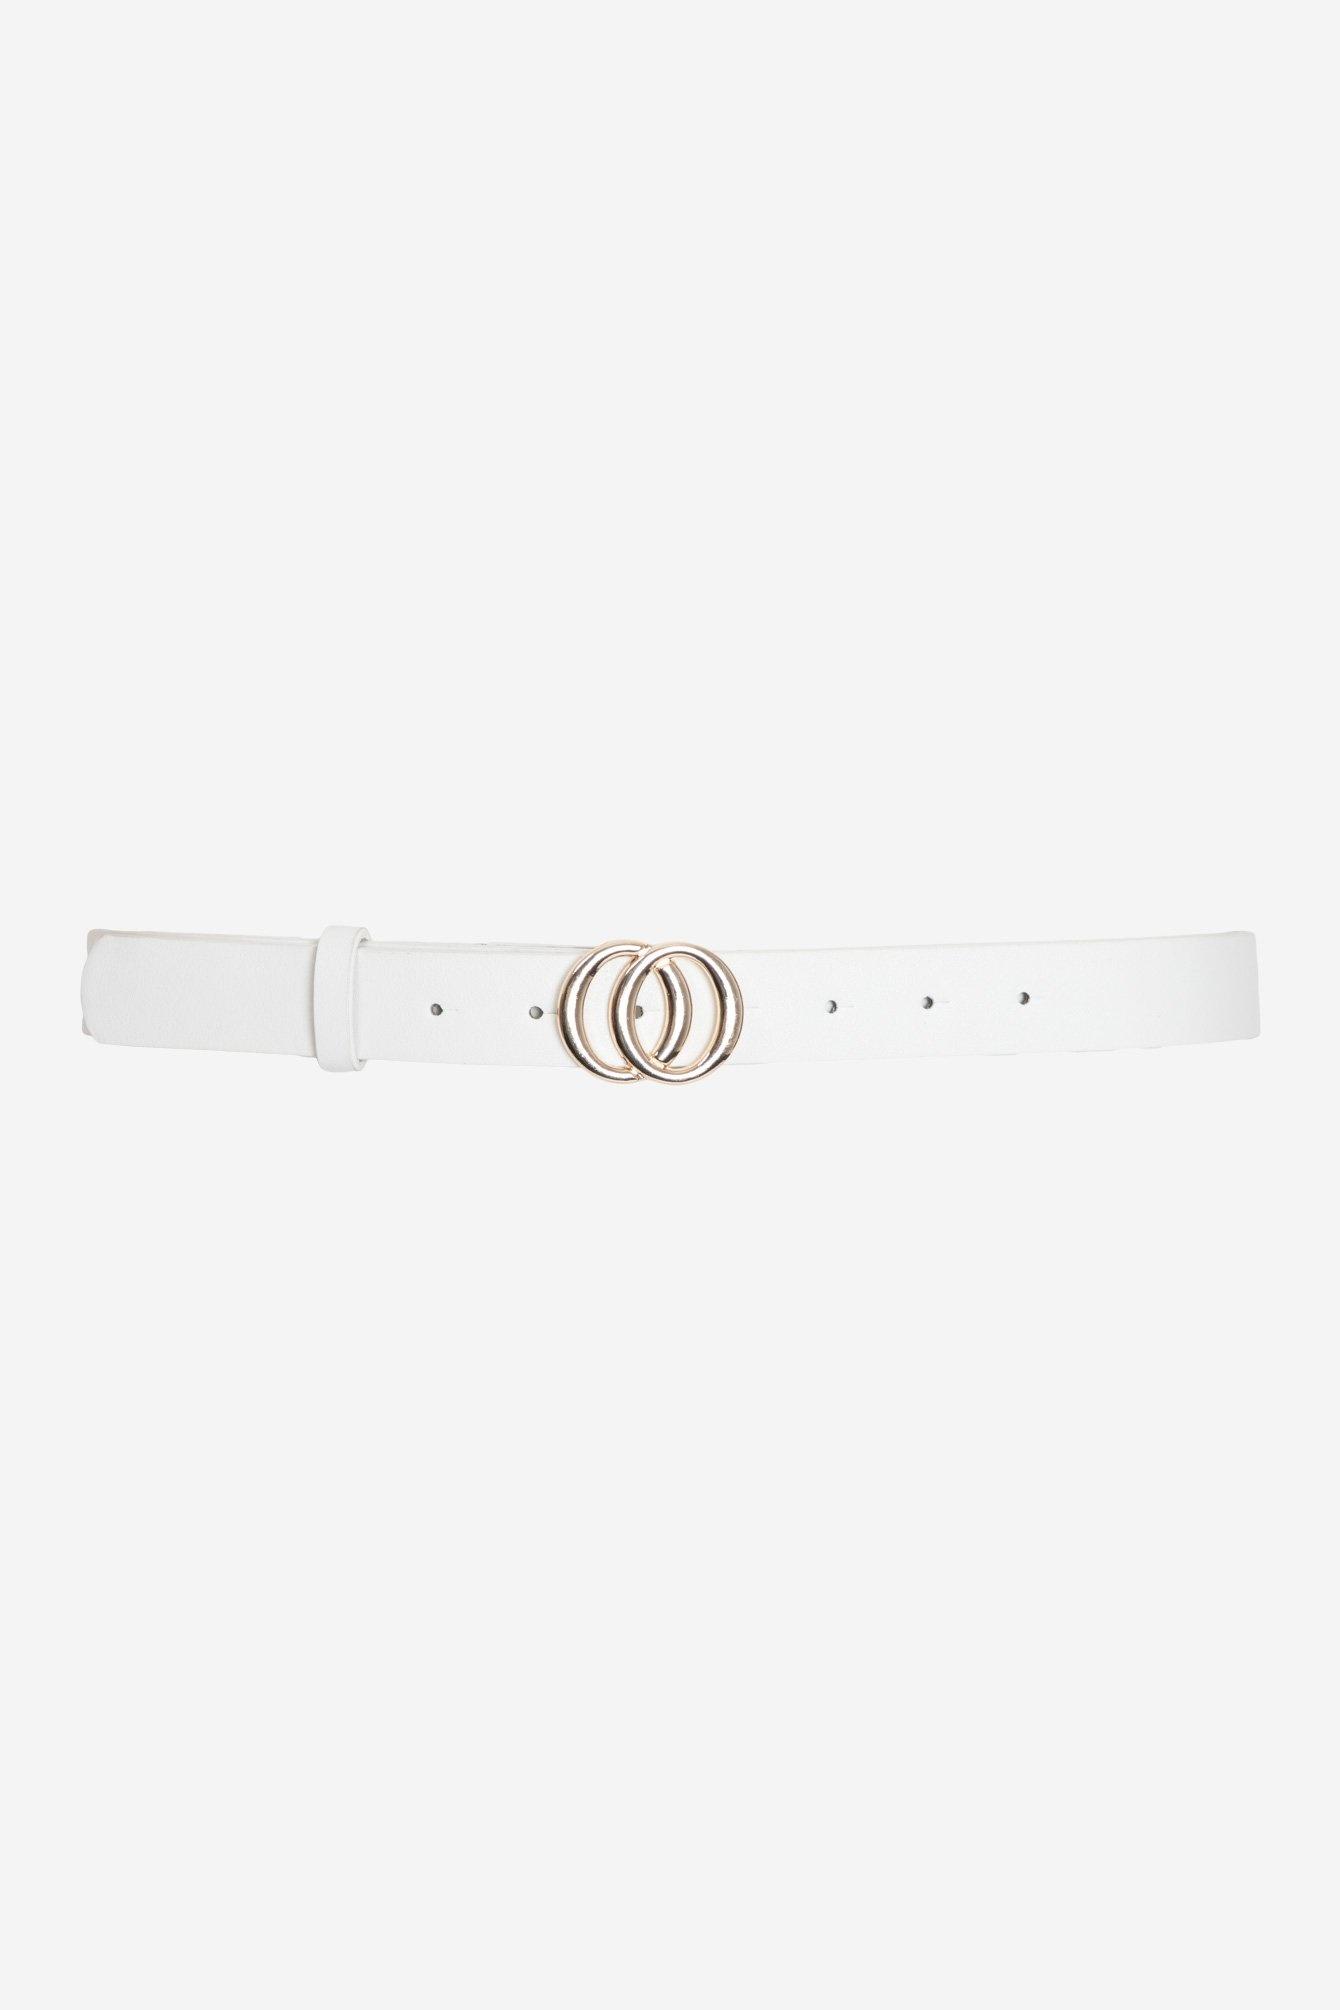 Ring belt white